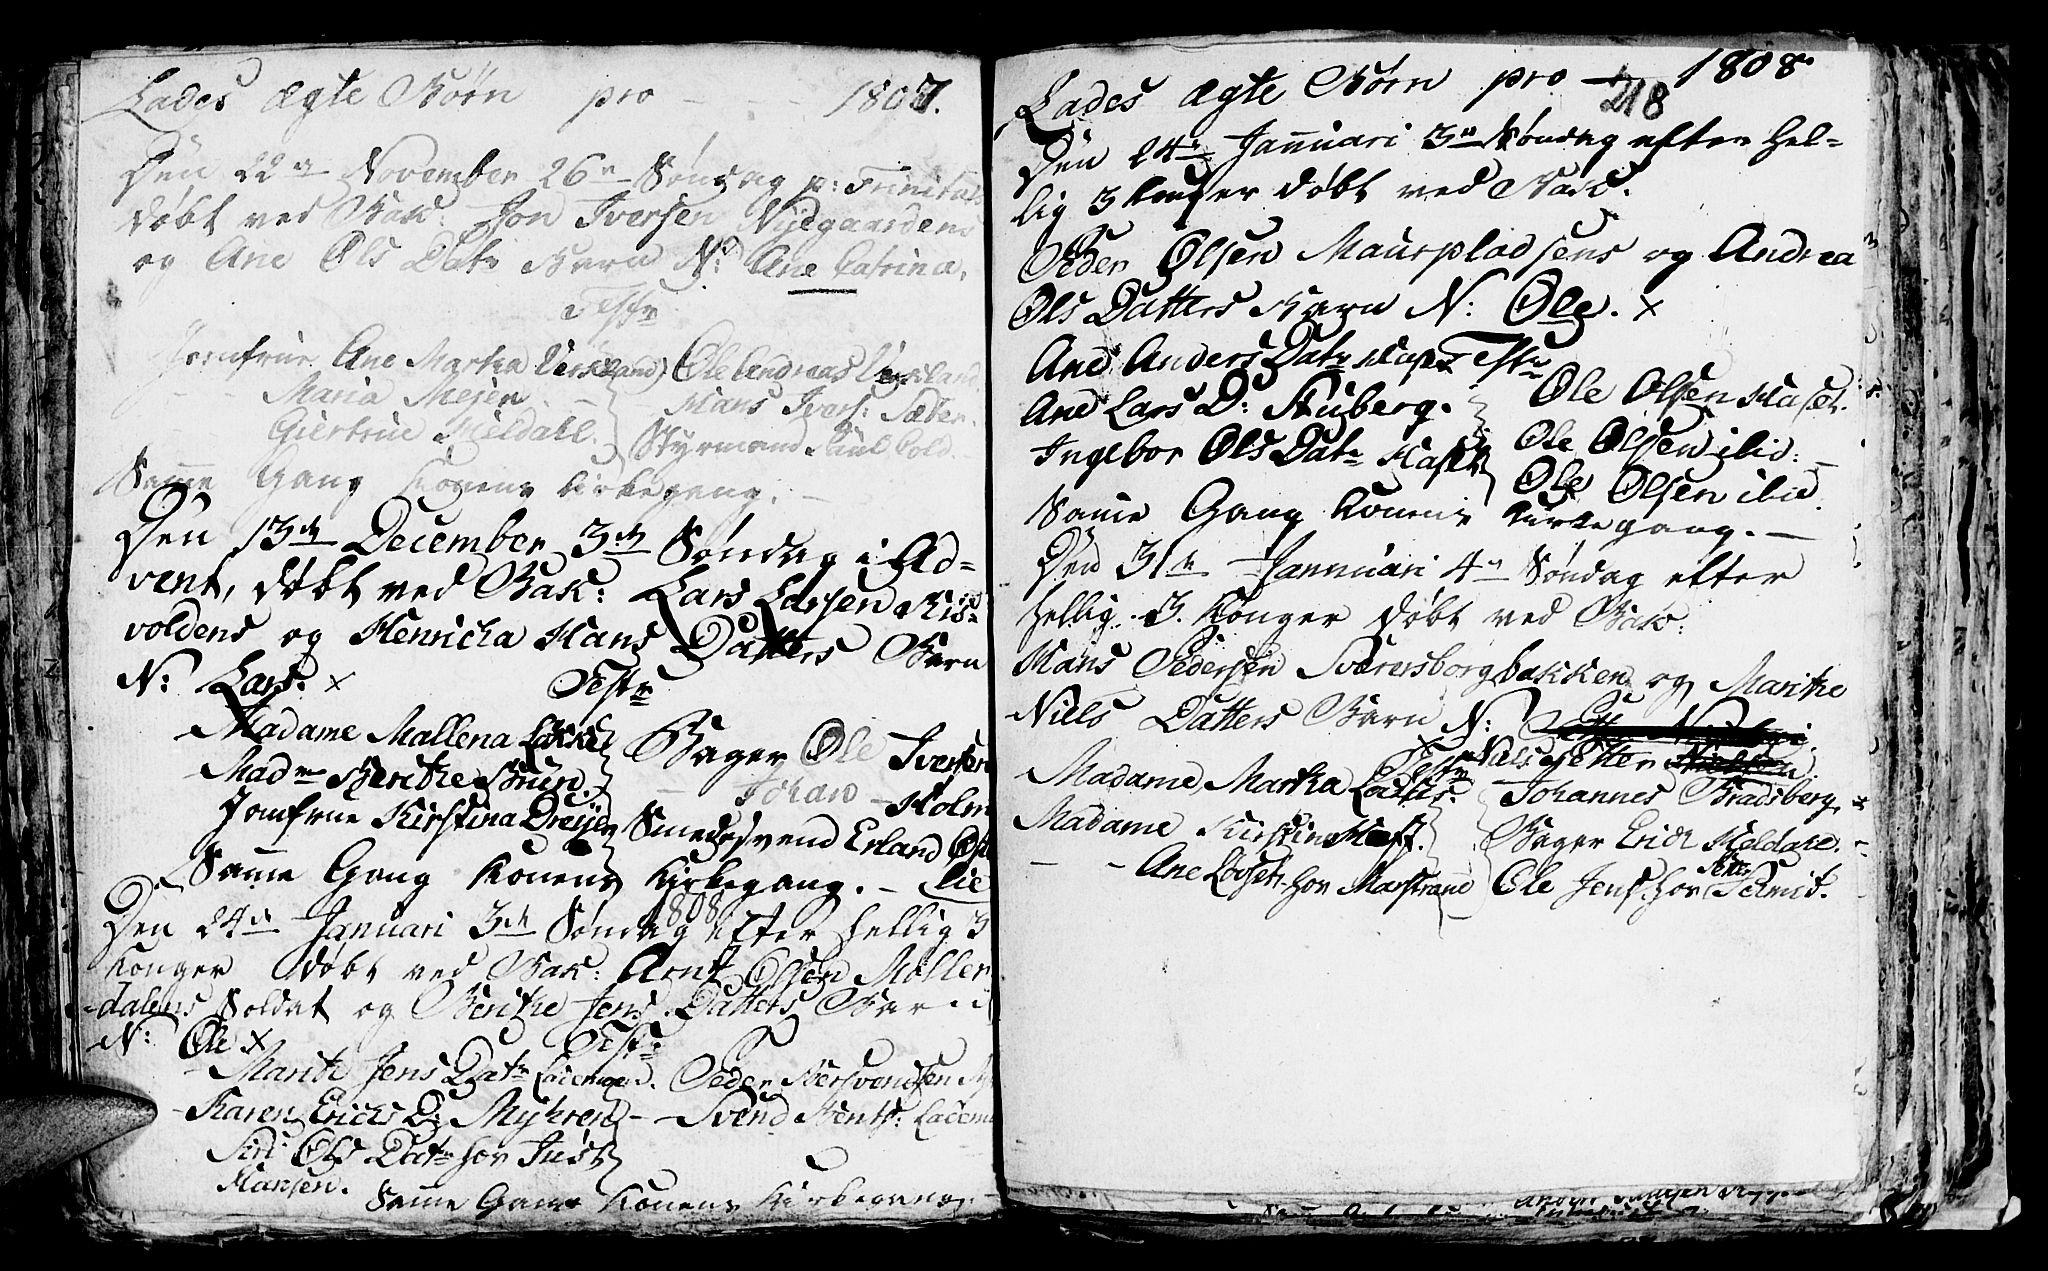 SAT, Ministerialprotokoller, klokkerbøker og fødselsregistre - Sør-Trøndelag, 606/L0305: Klokkerbok nr. 606C01, 1757-1819, s. 218